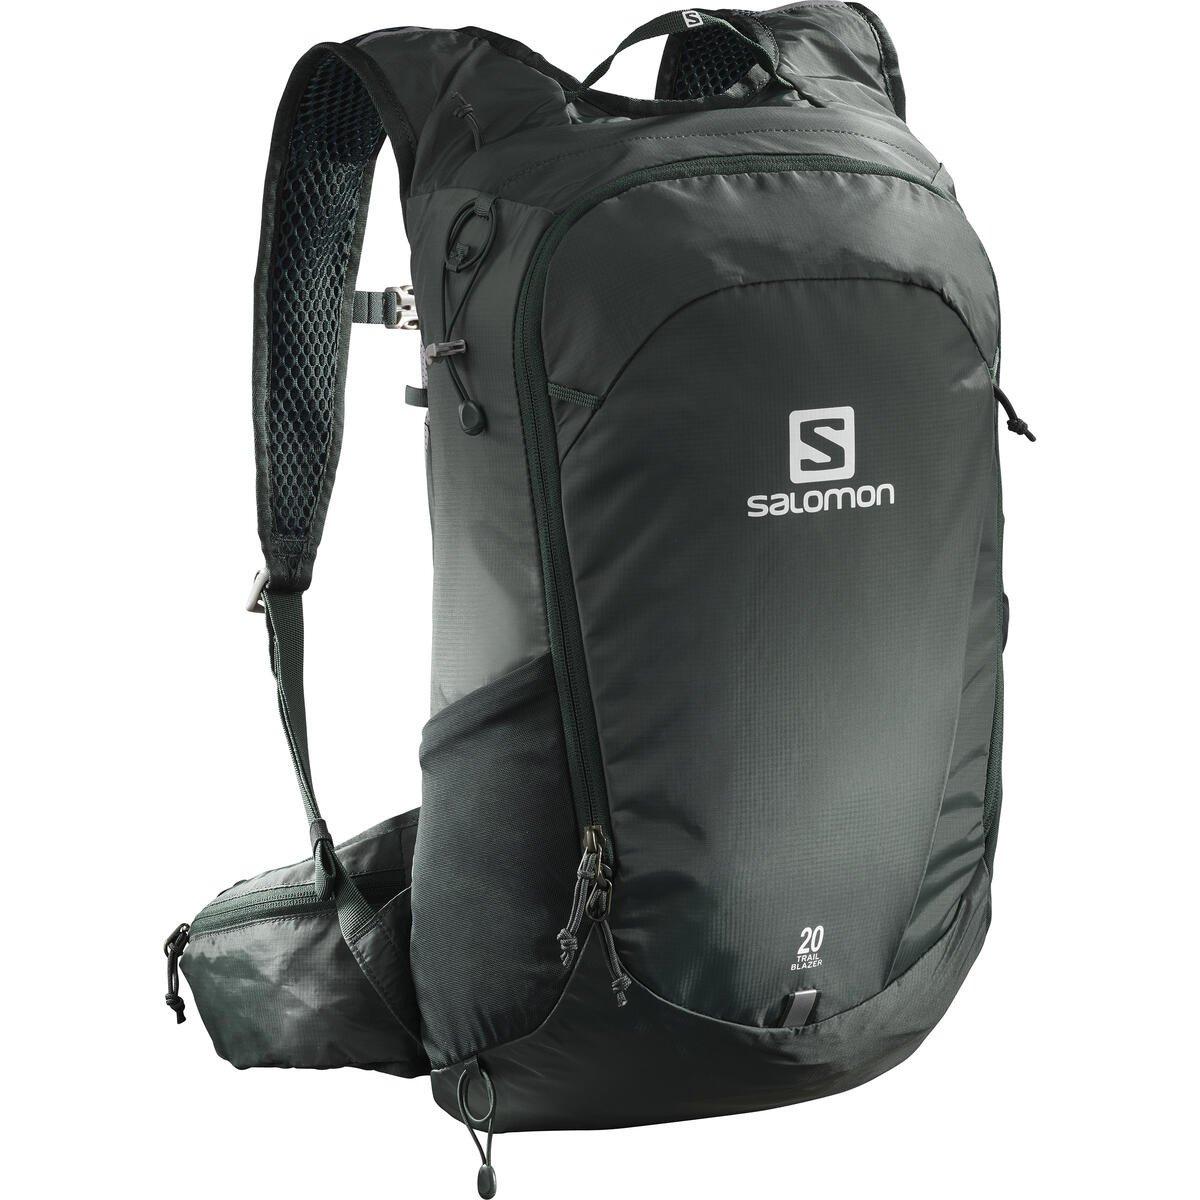 Salomon Trailblazer 20 Hiking Rygsæk, grøn